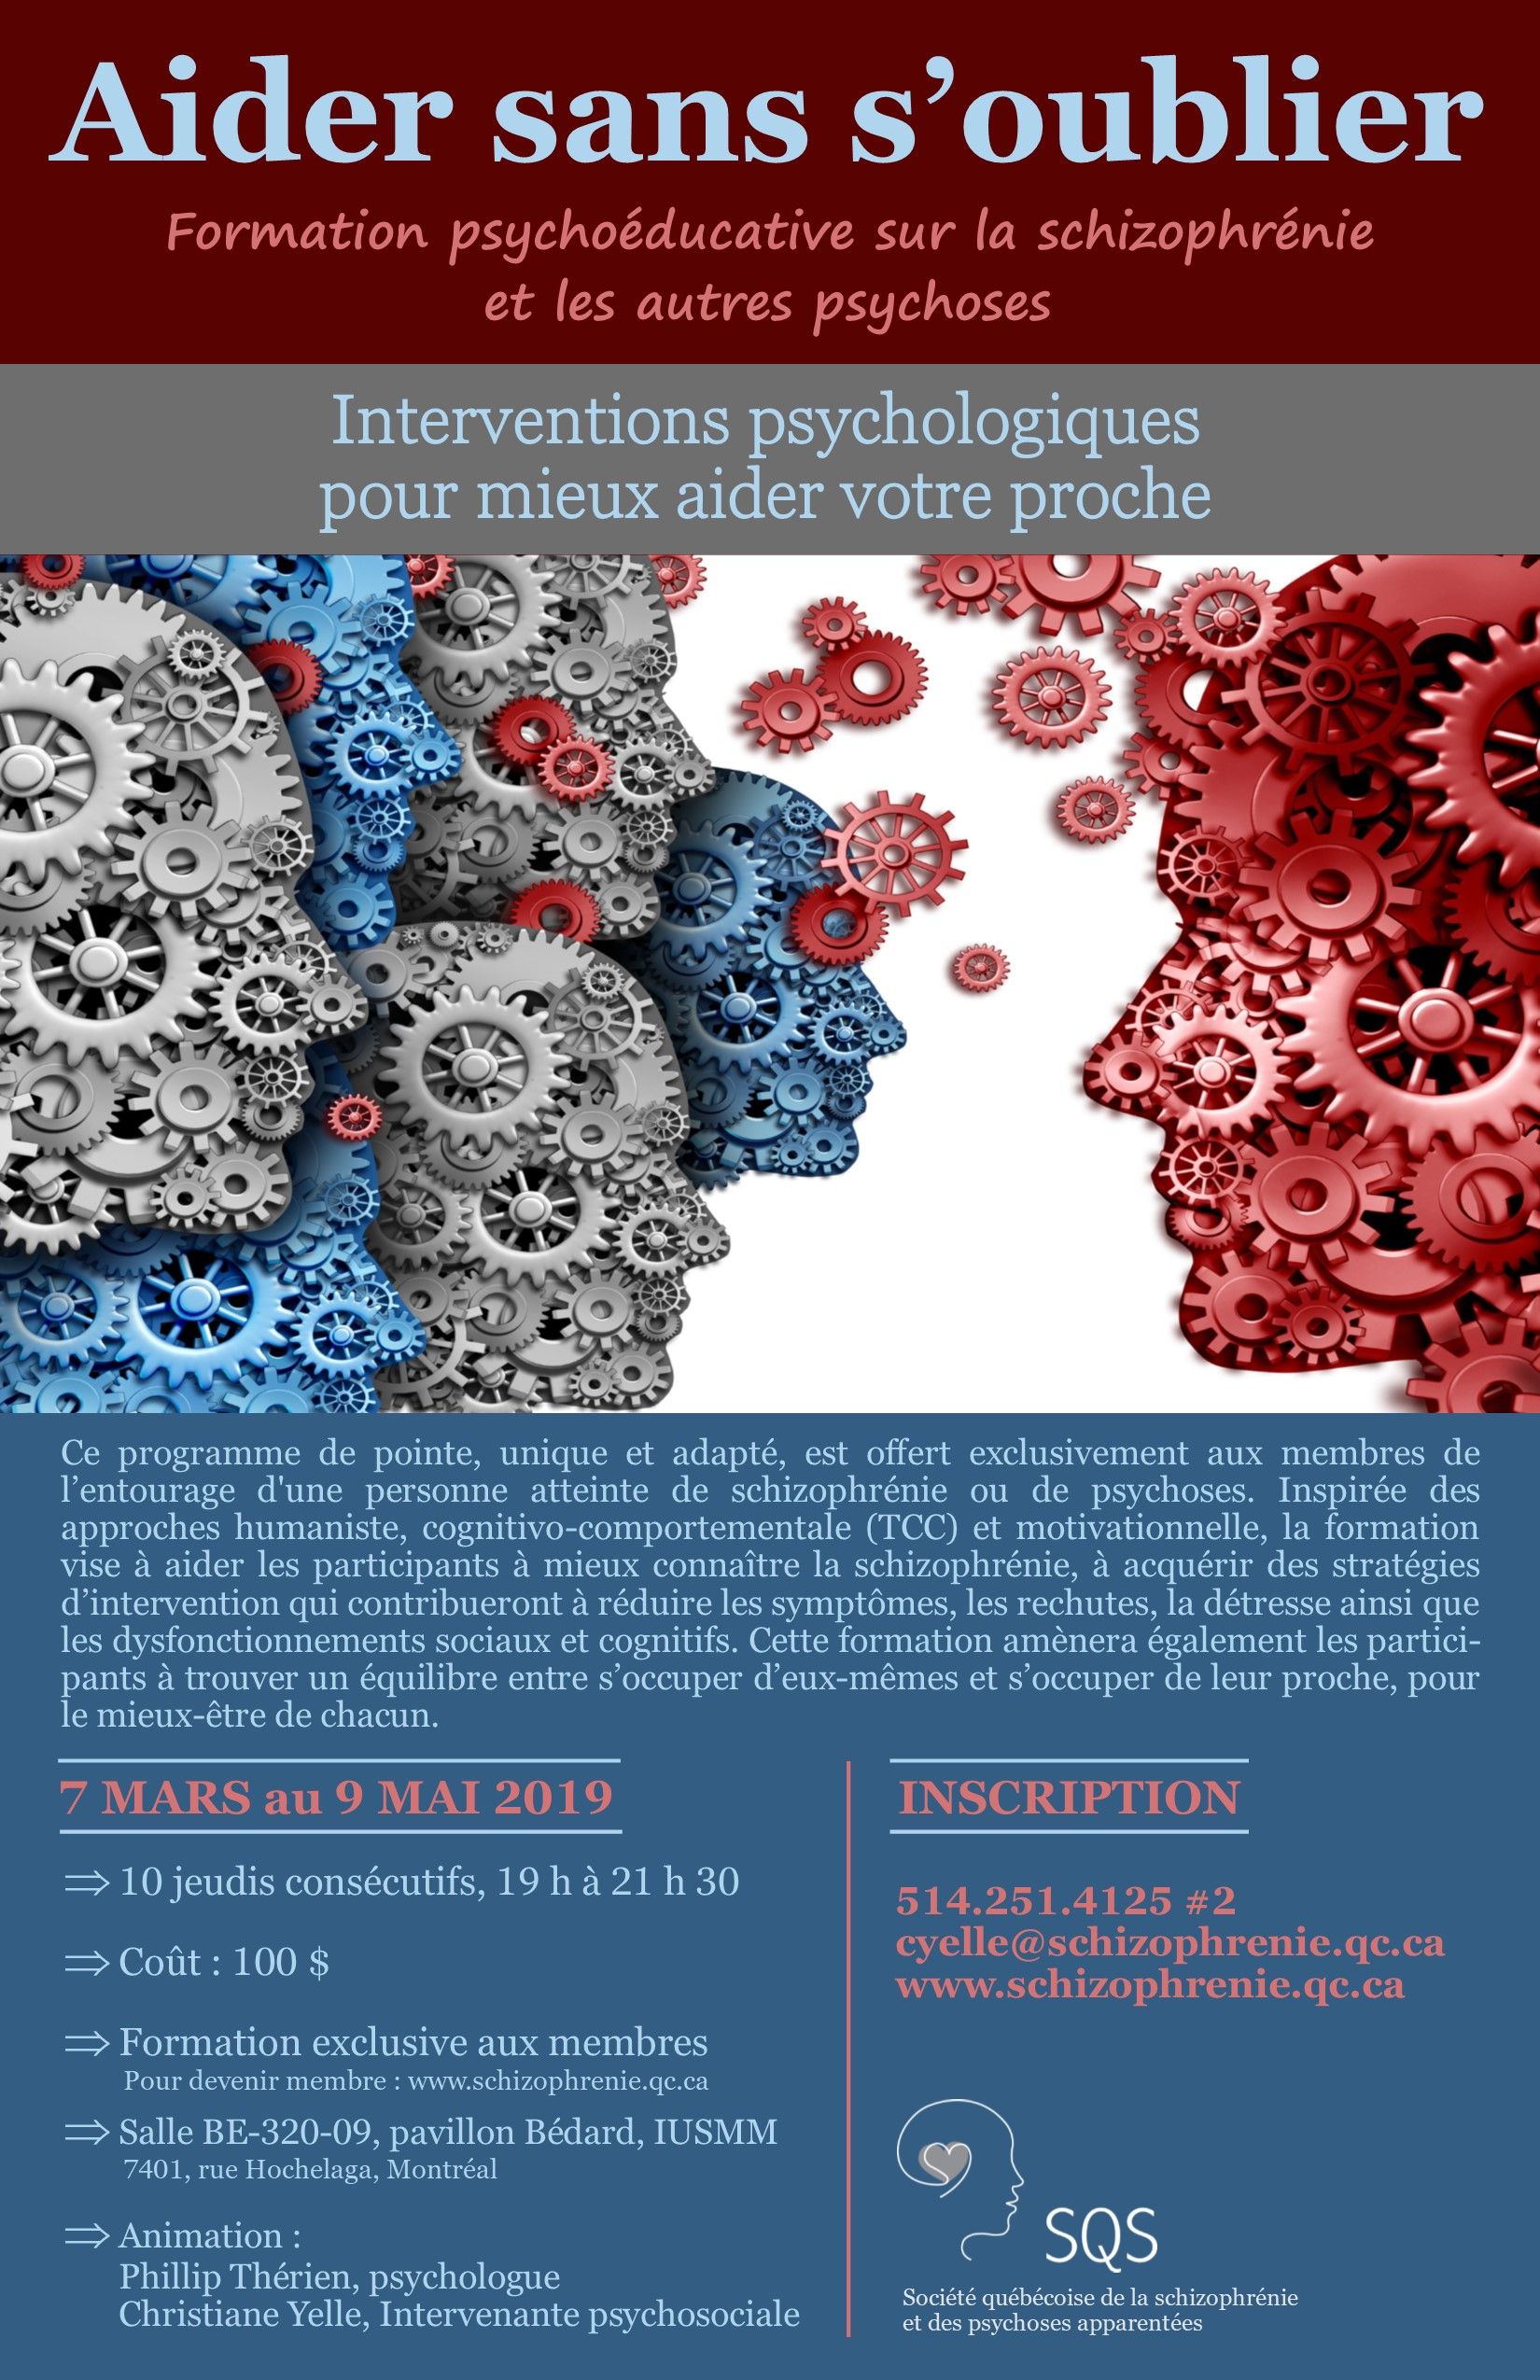 Formation Aider sans s'oublier - Psychoéducation sur la schizophrénie et les autres psychoses s'adressant aux membres de l'entourage.